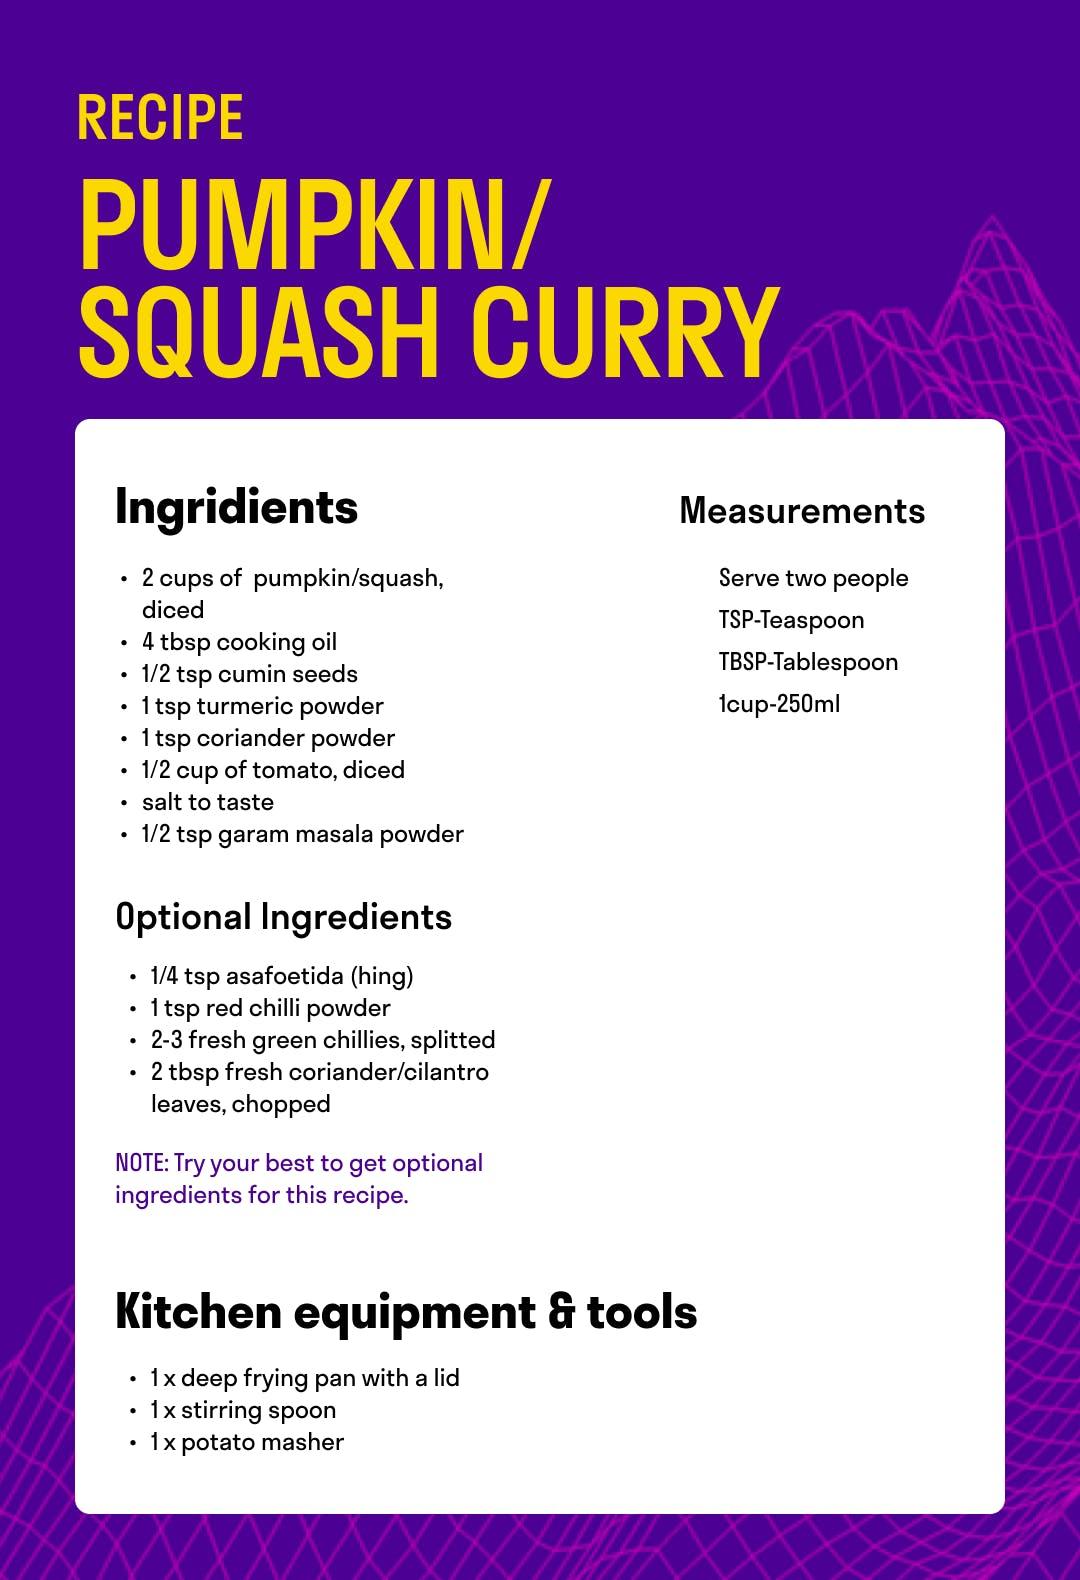 Pumpkin_Squash Curry.png